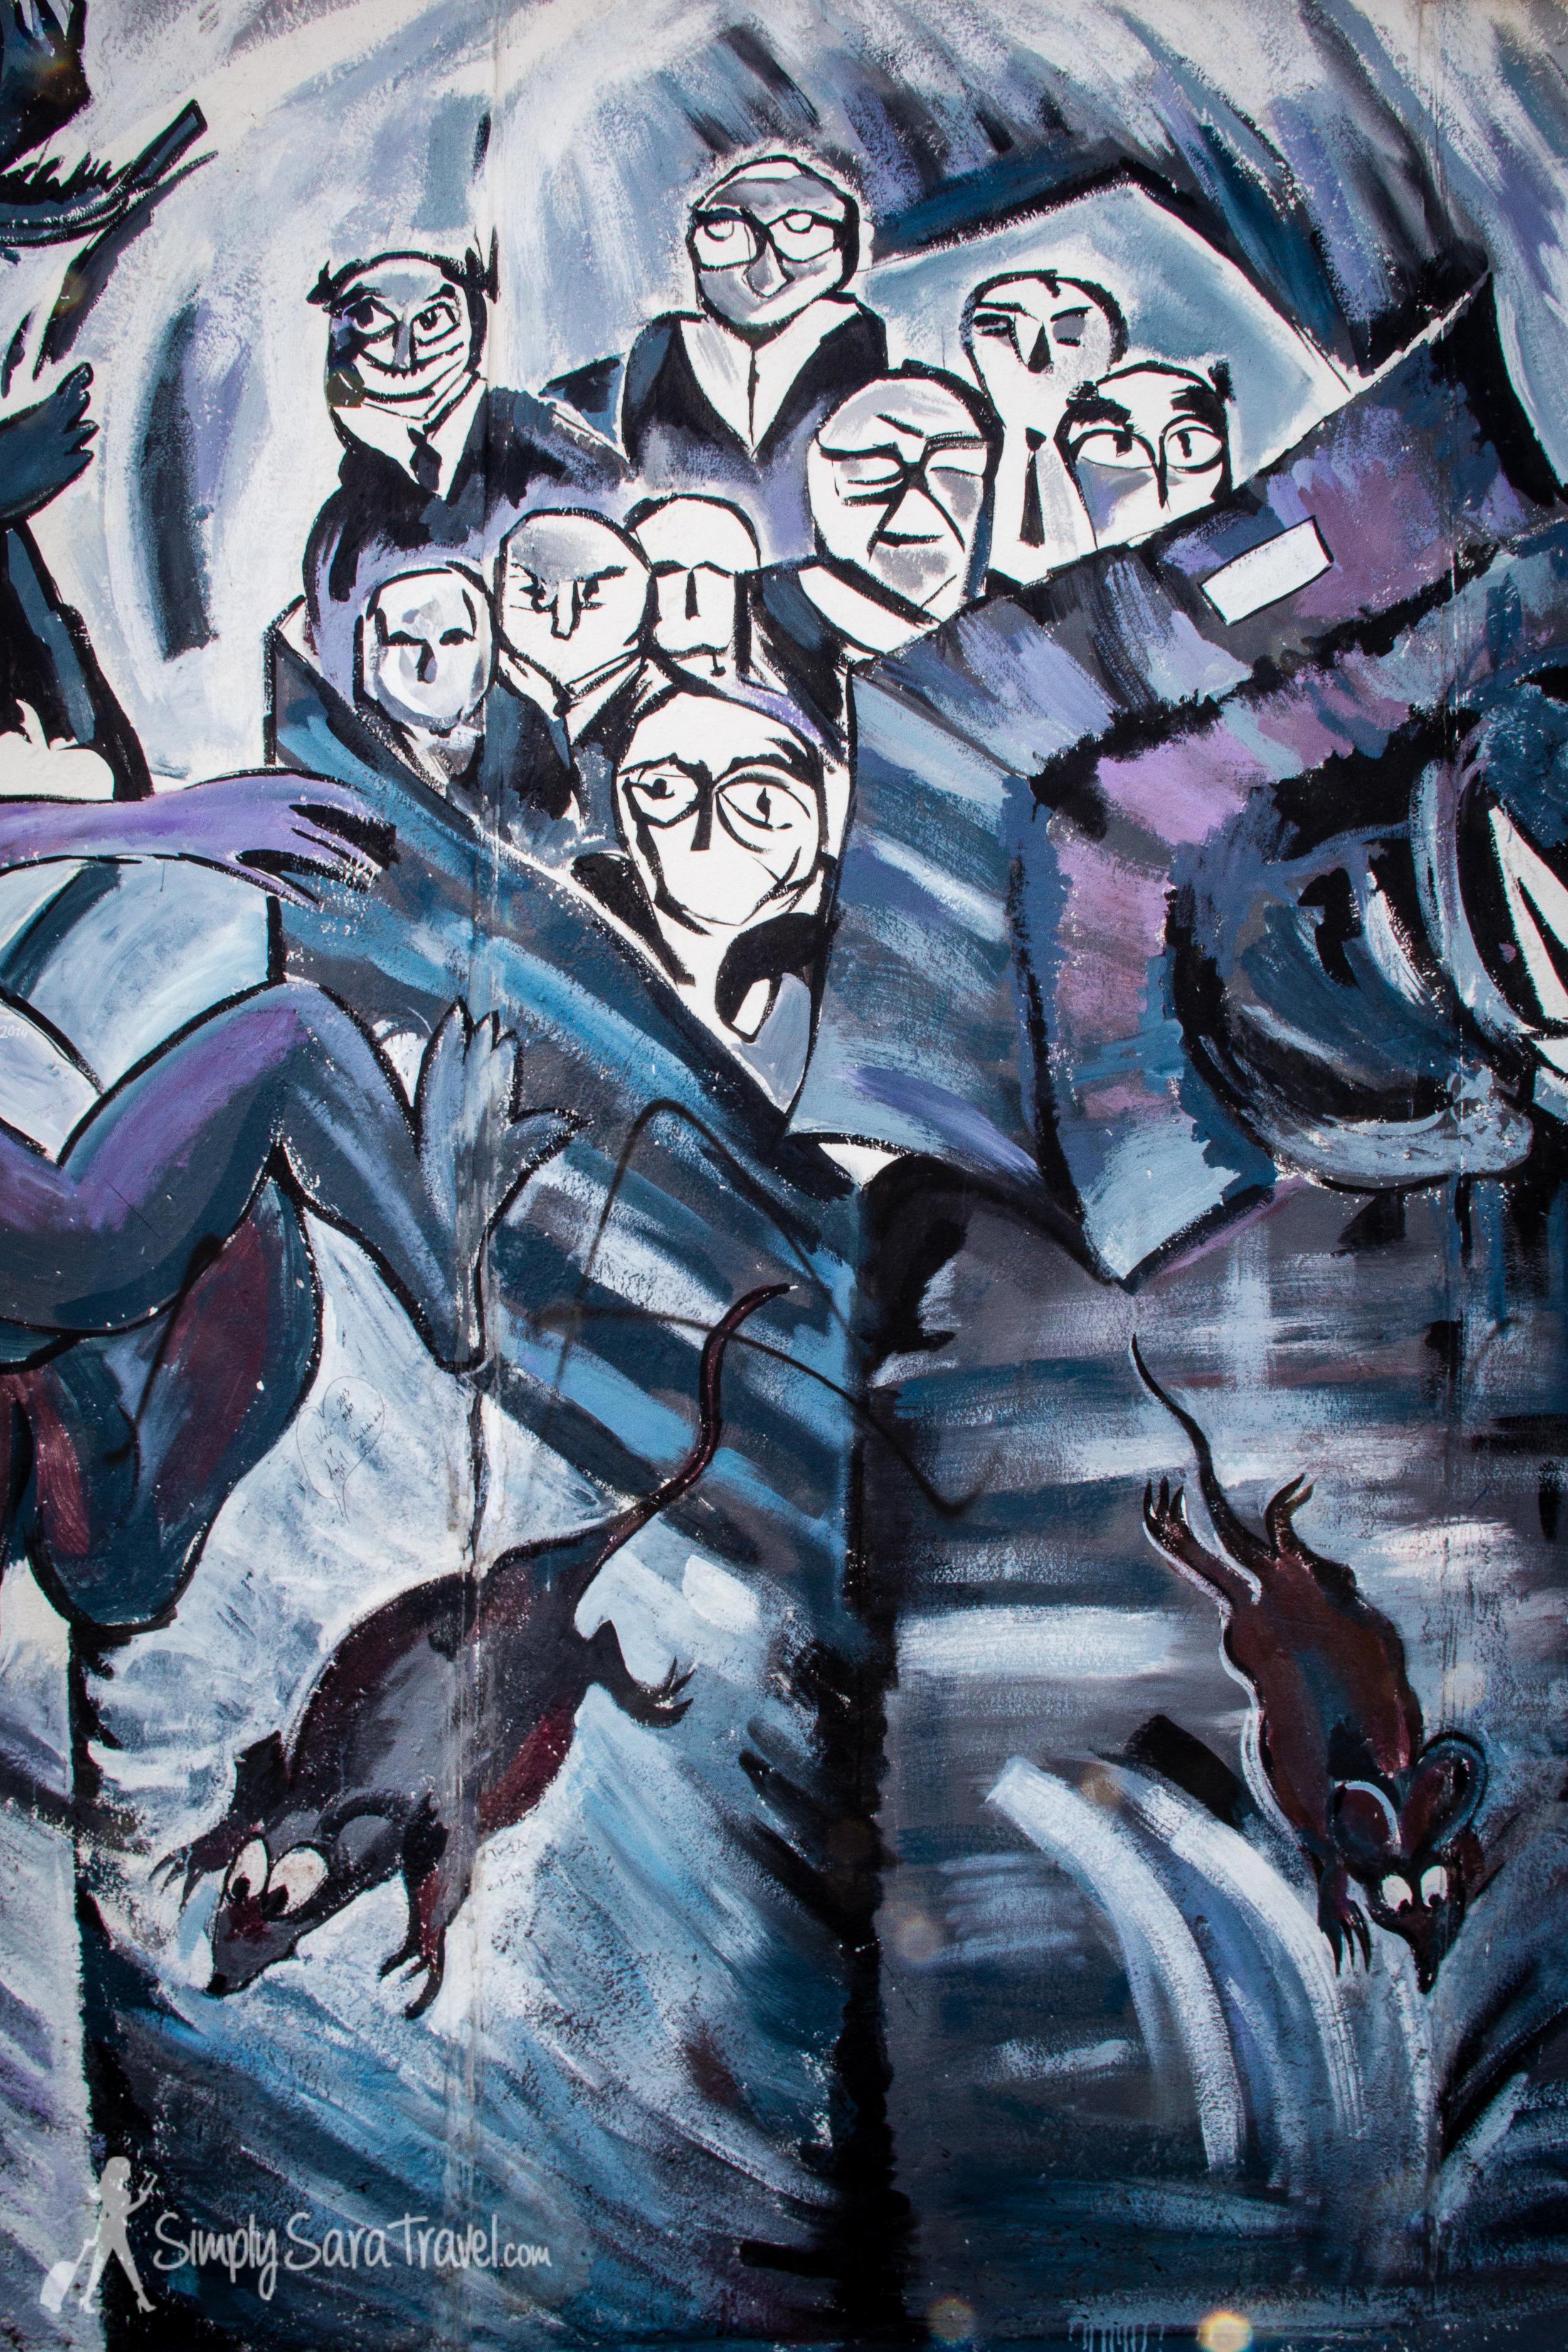 Dark painting at East Side Gallery, Berlin, Germany